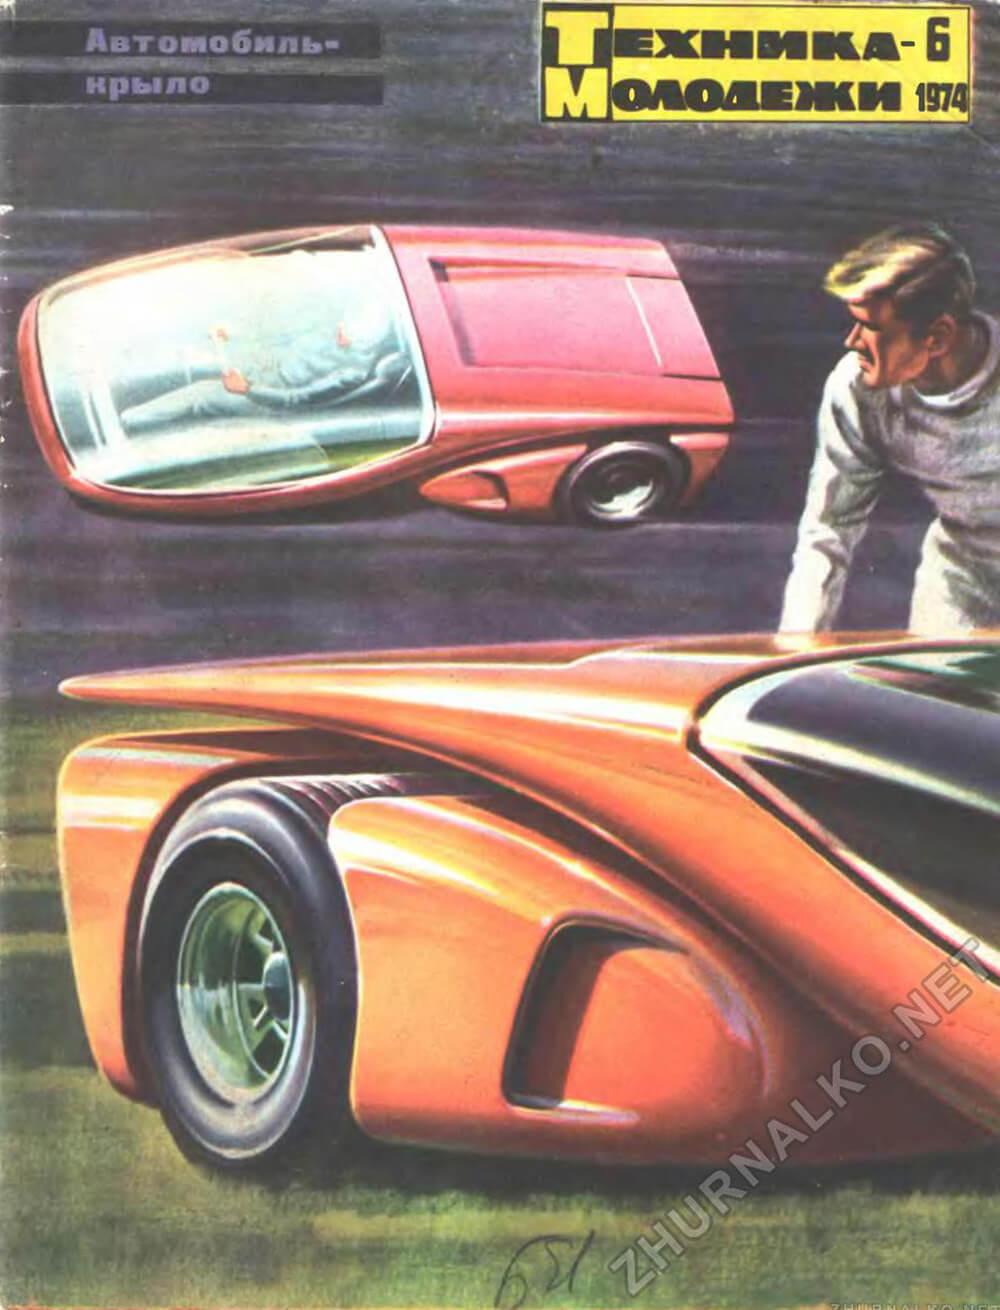 Así imaginaban el futuro en la antigua Unión Soviética Transport21